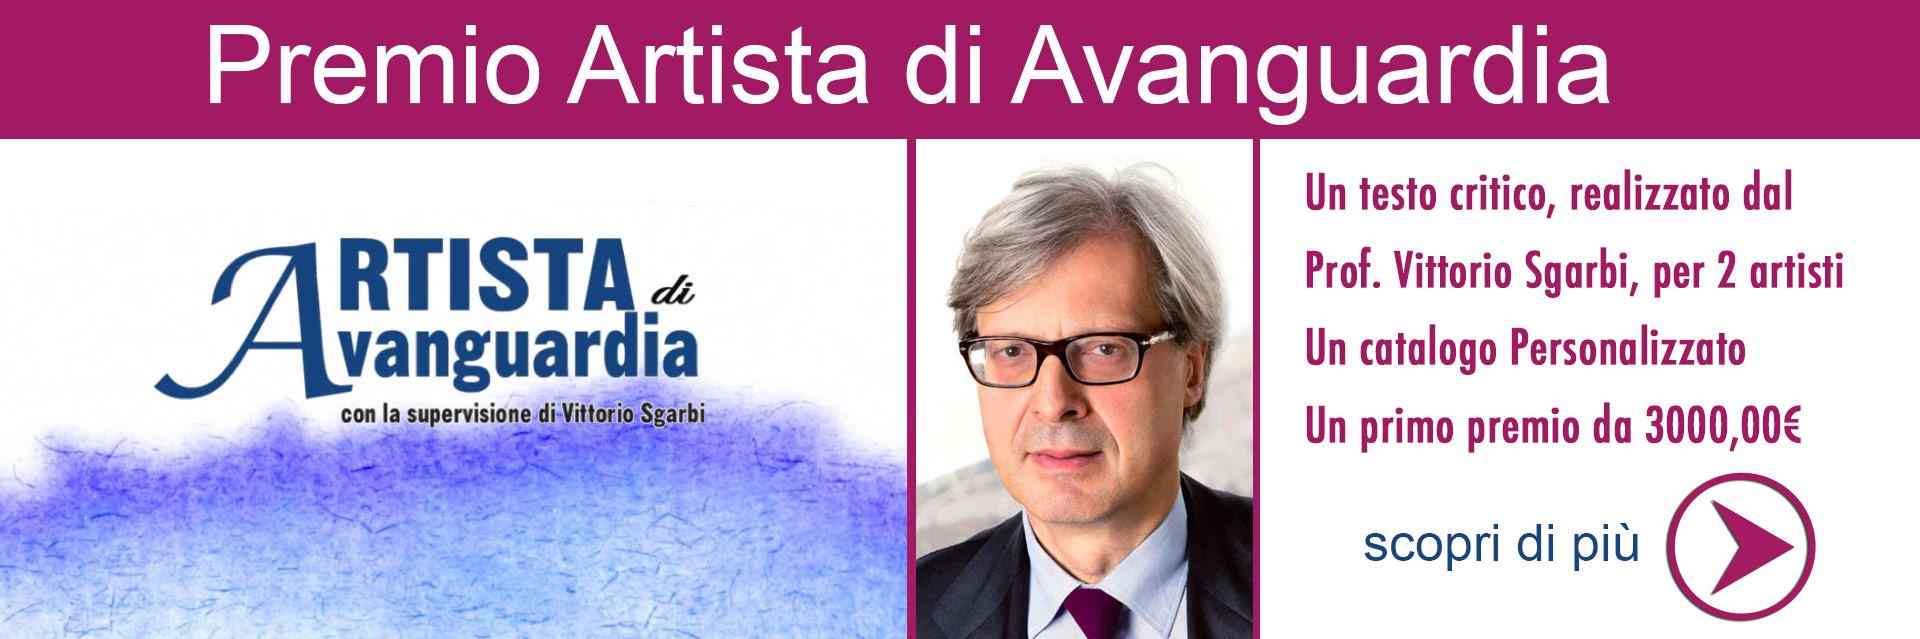 Ottieni una critica alla tua arte da Vittorio Sgarbi